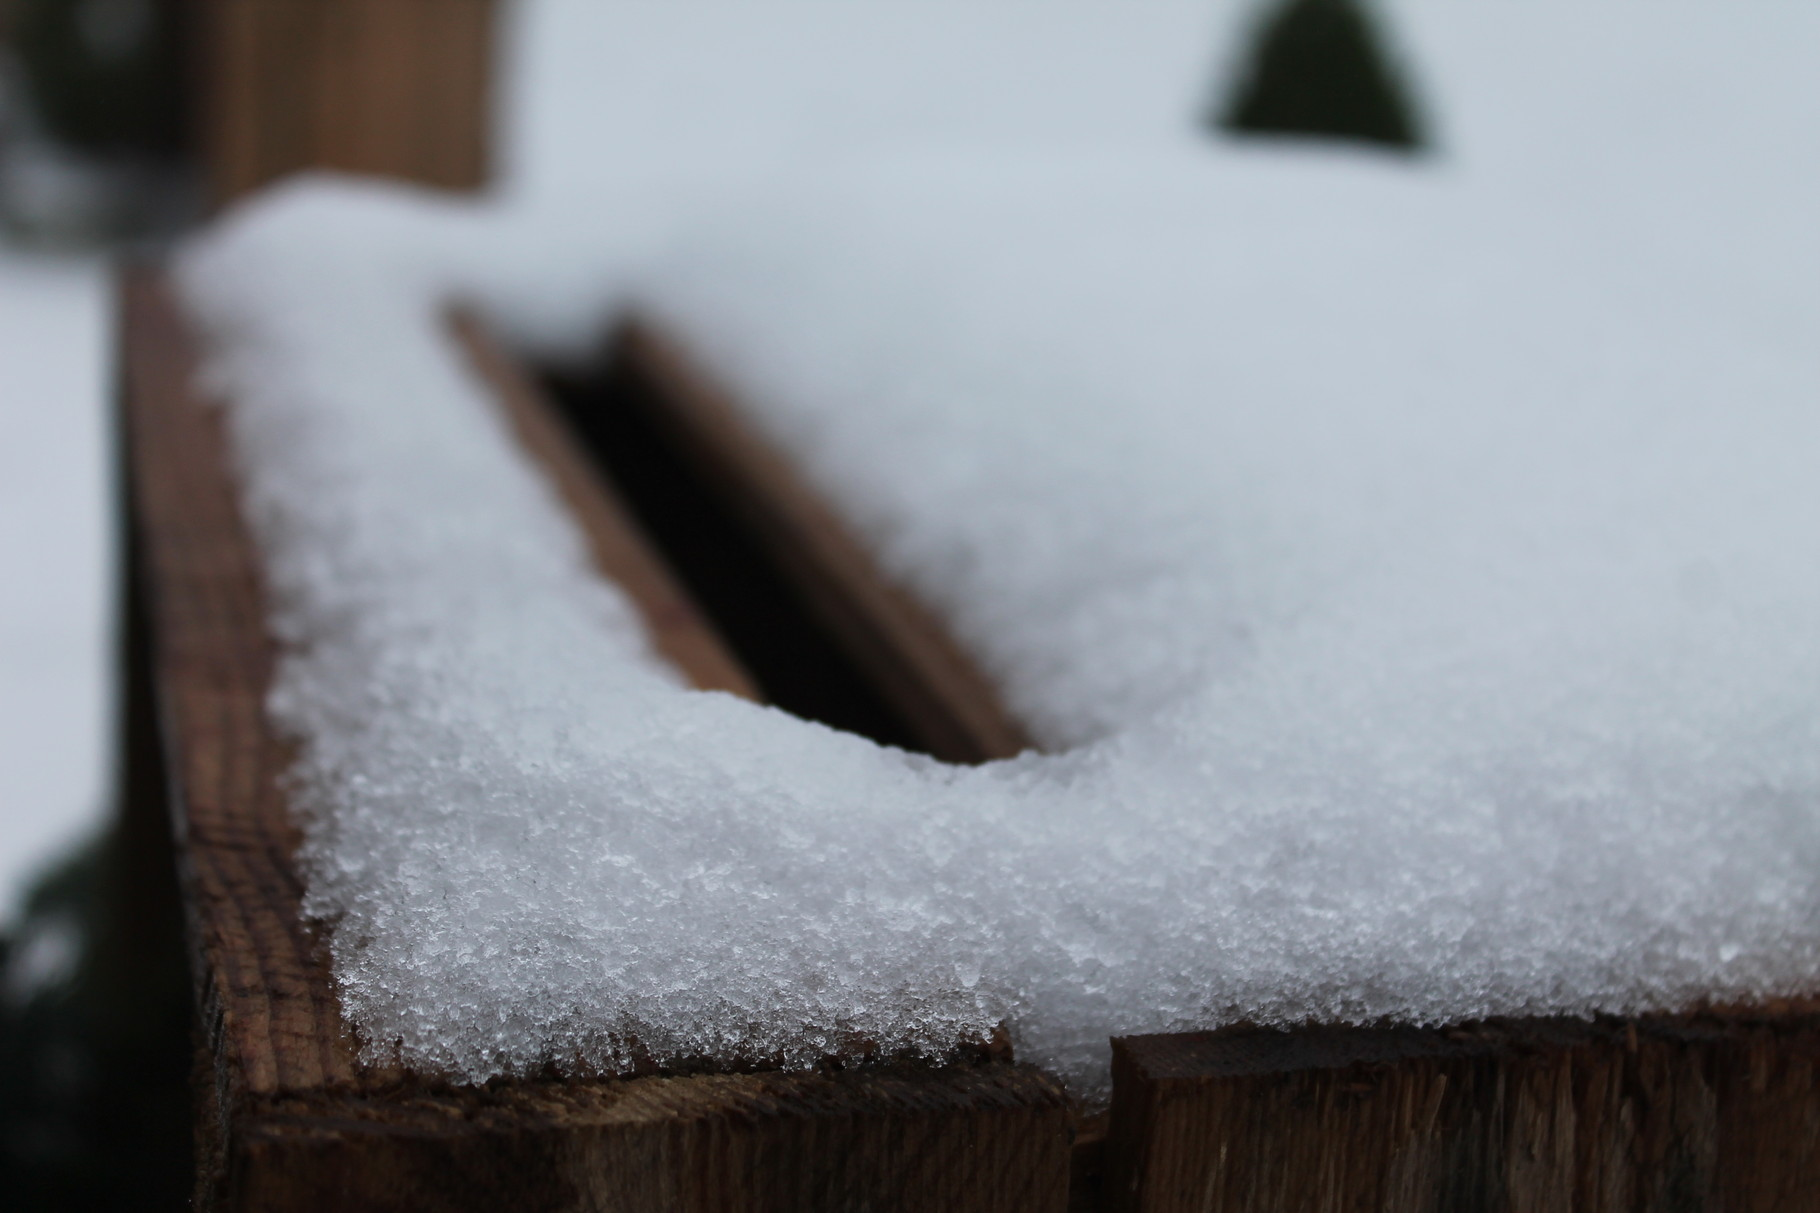 Schnee-Deko auf Holzkiste